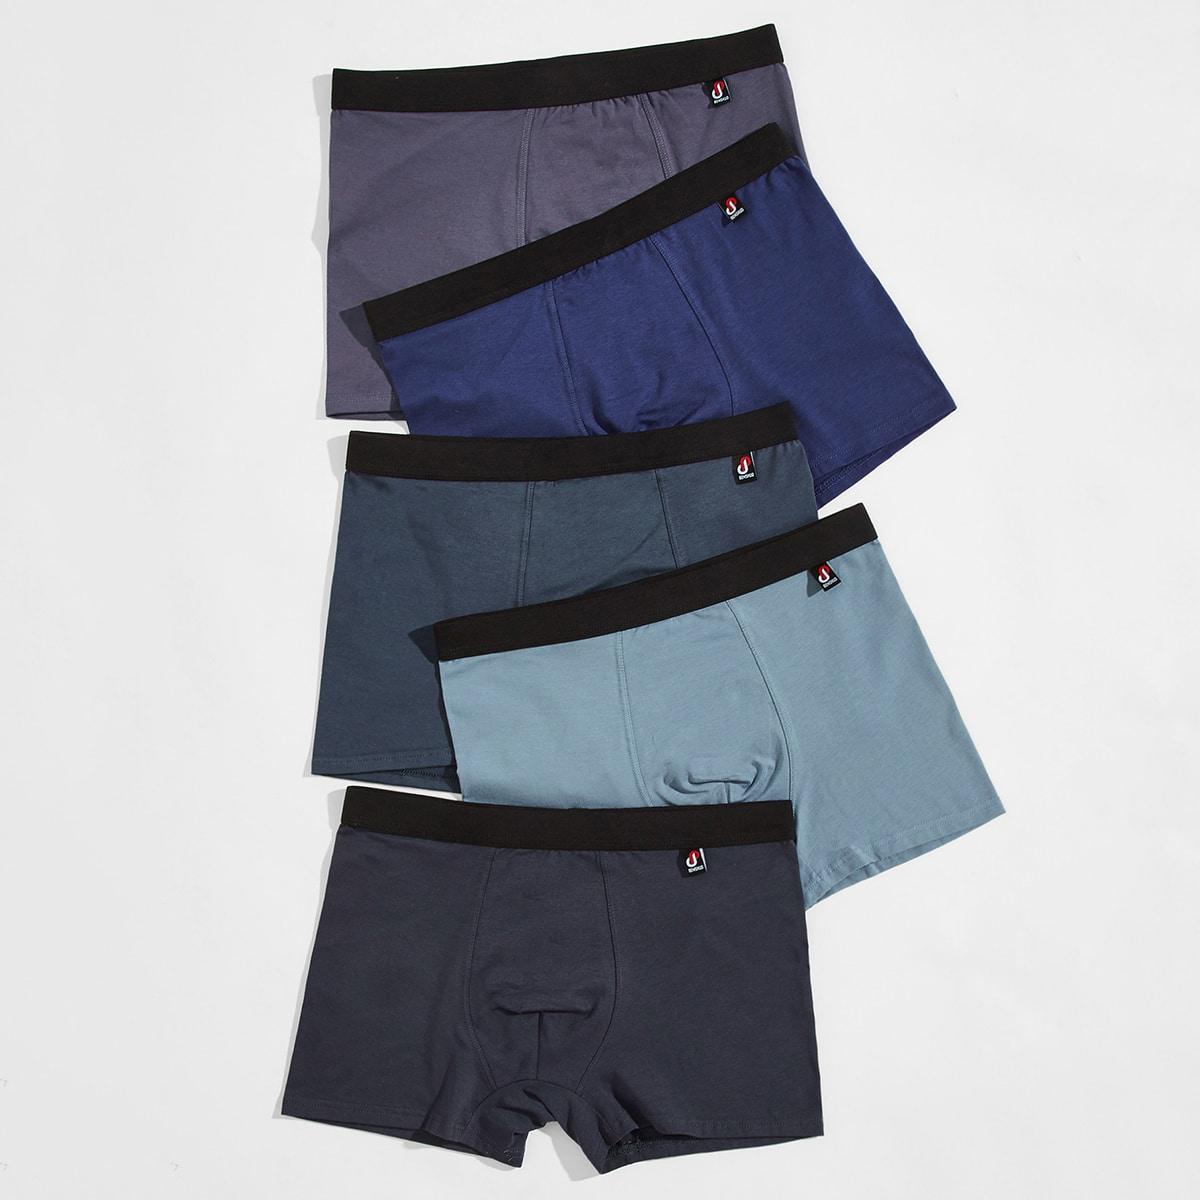 Цвет блок мода Повседневный Мужское нижнее белье от SHEIN